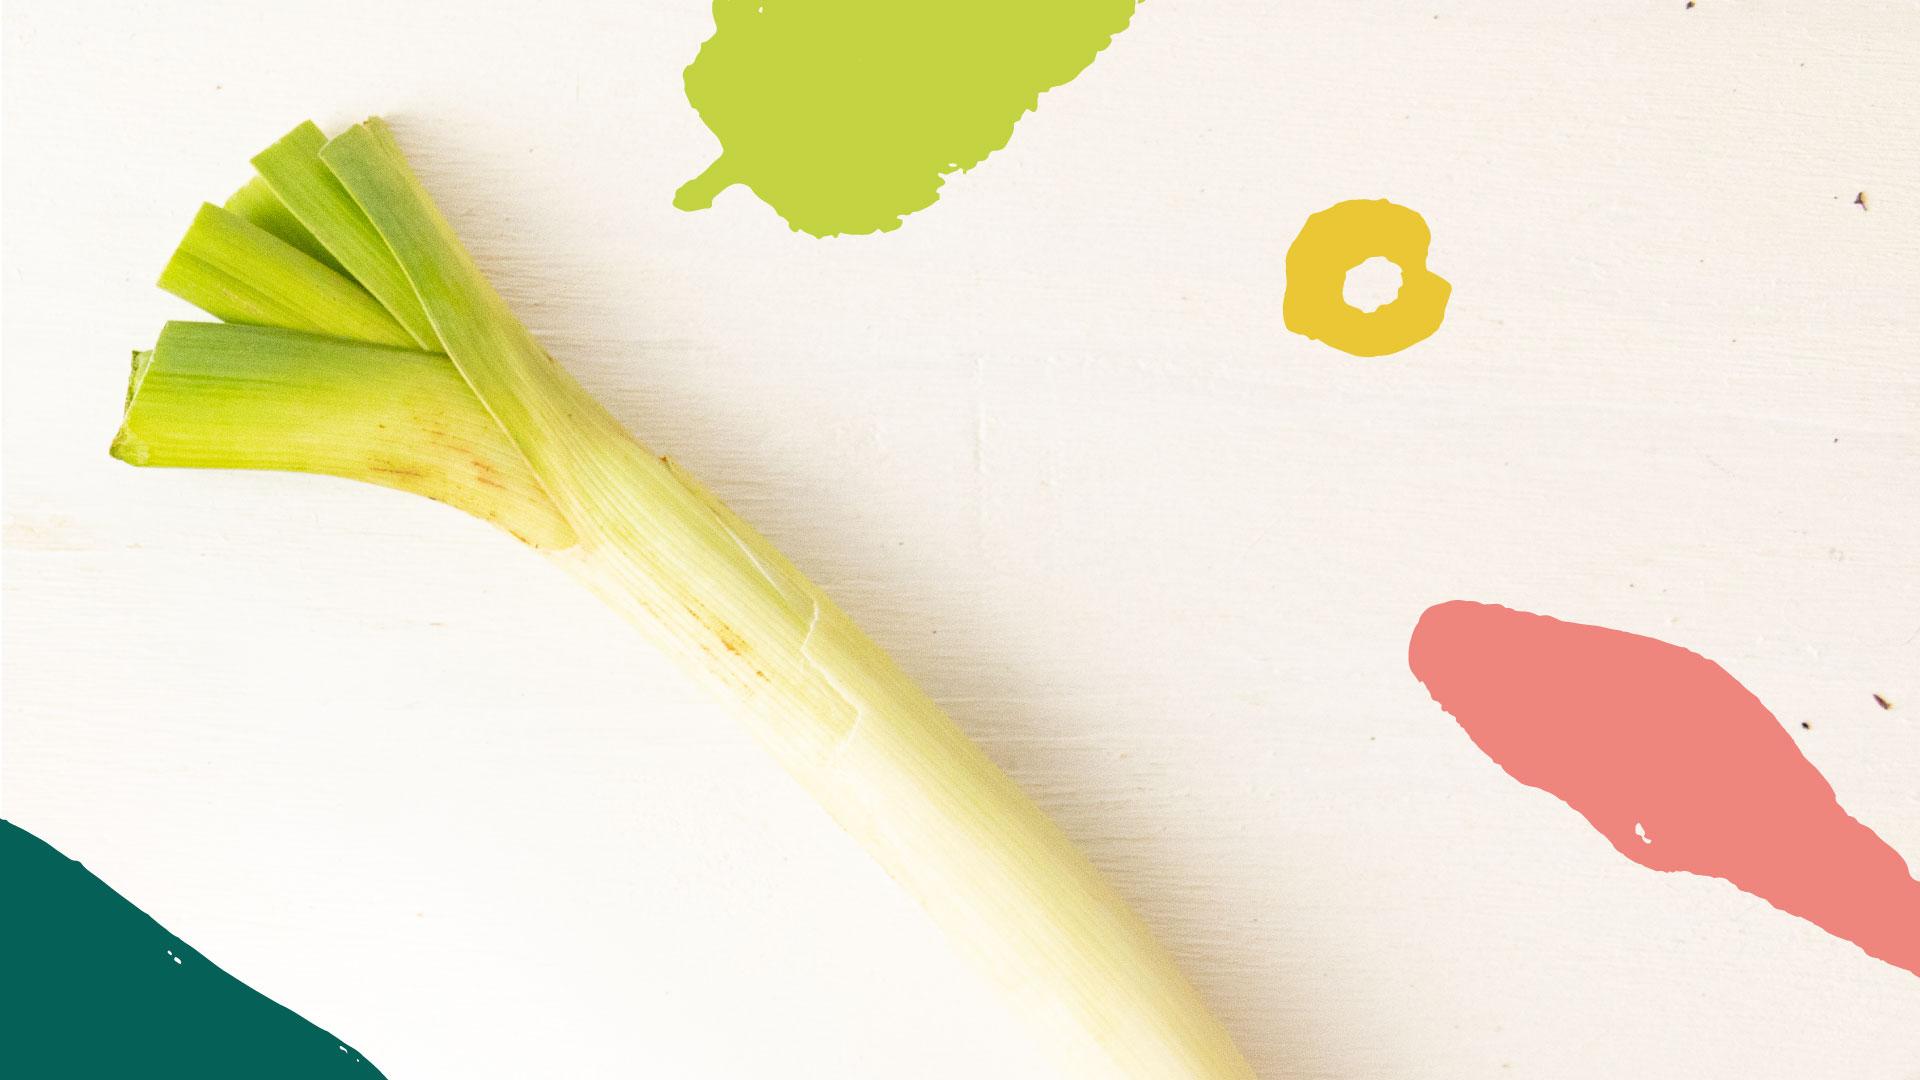 alho-poro-organico-raizs